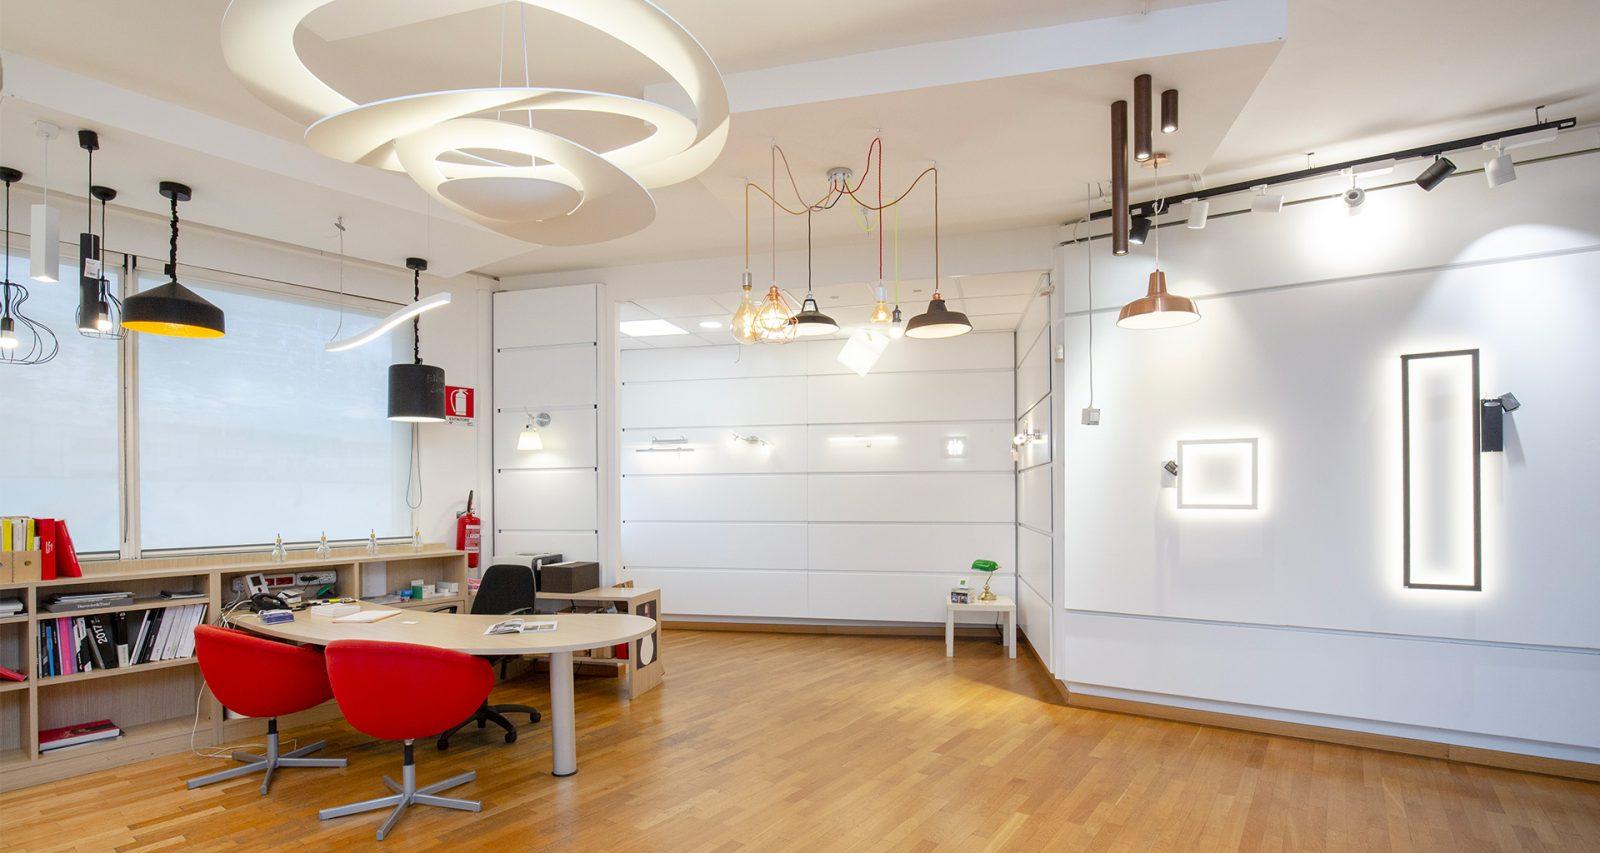 Uno showroom dedicato al meglio dell'illuminazione in tutte le sue forme: lampadari, plafoniere, tagli di luce a Torino in Corso Orbassano 2